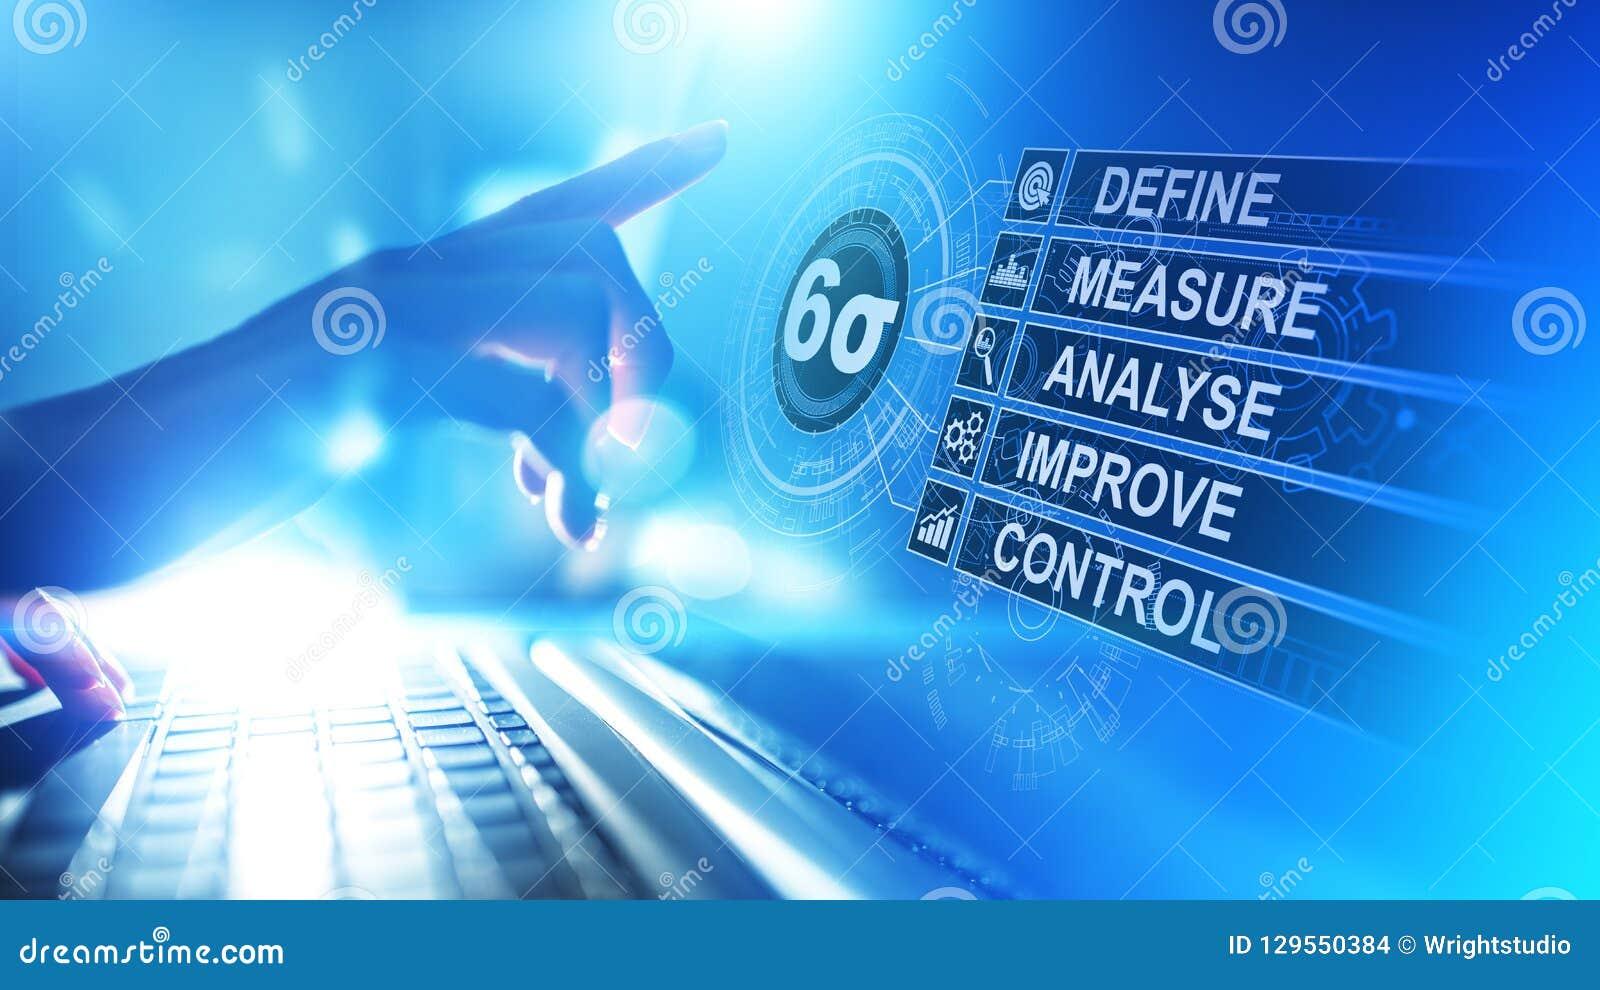 Σίγμα έξι, αδύνατη κατασκευή, ποιοτικός έλεγχος και βιομηχανική διαδικασία που βελτιώνουν την έννοια